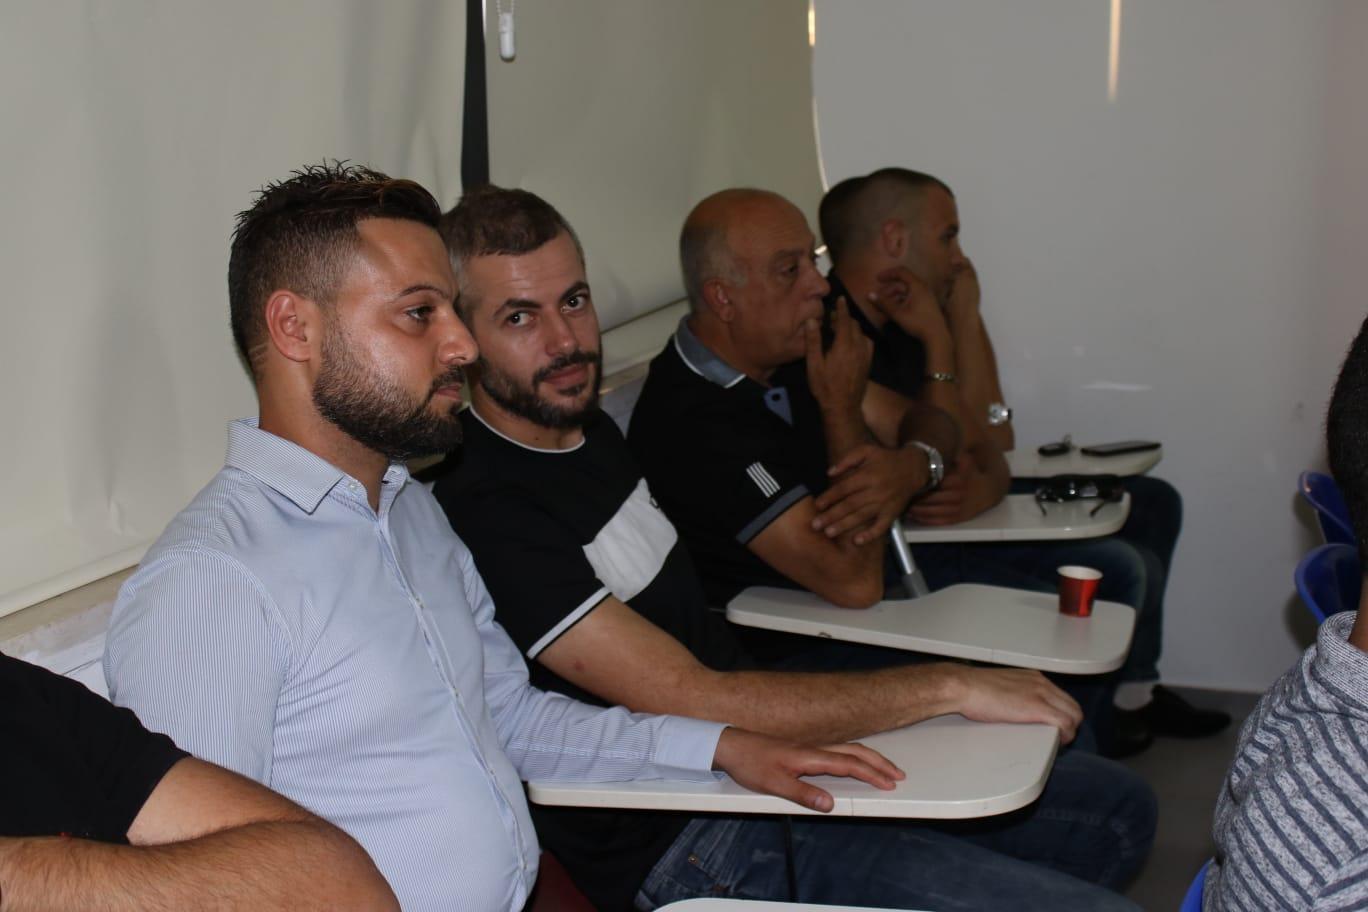 الطيرة: اجتماع انتخابي لدعم مرشحة التجمع للعضوية نجوى قشوع